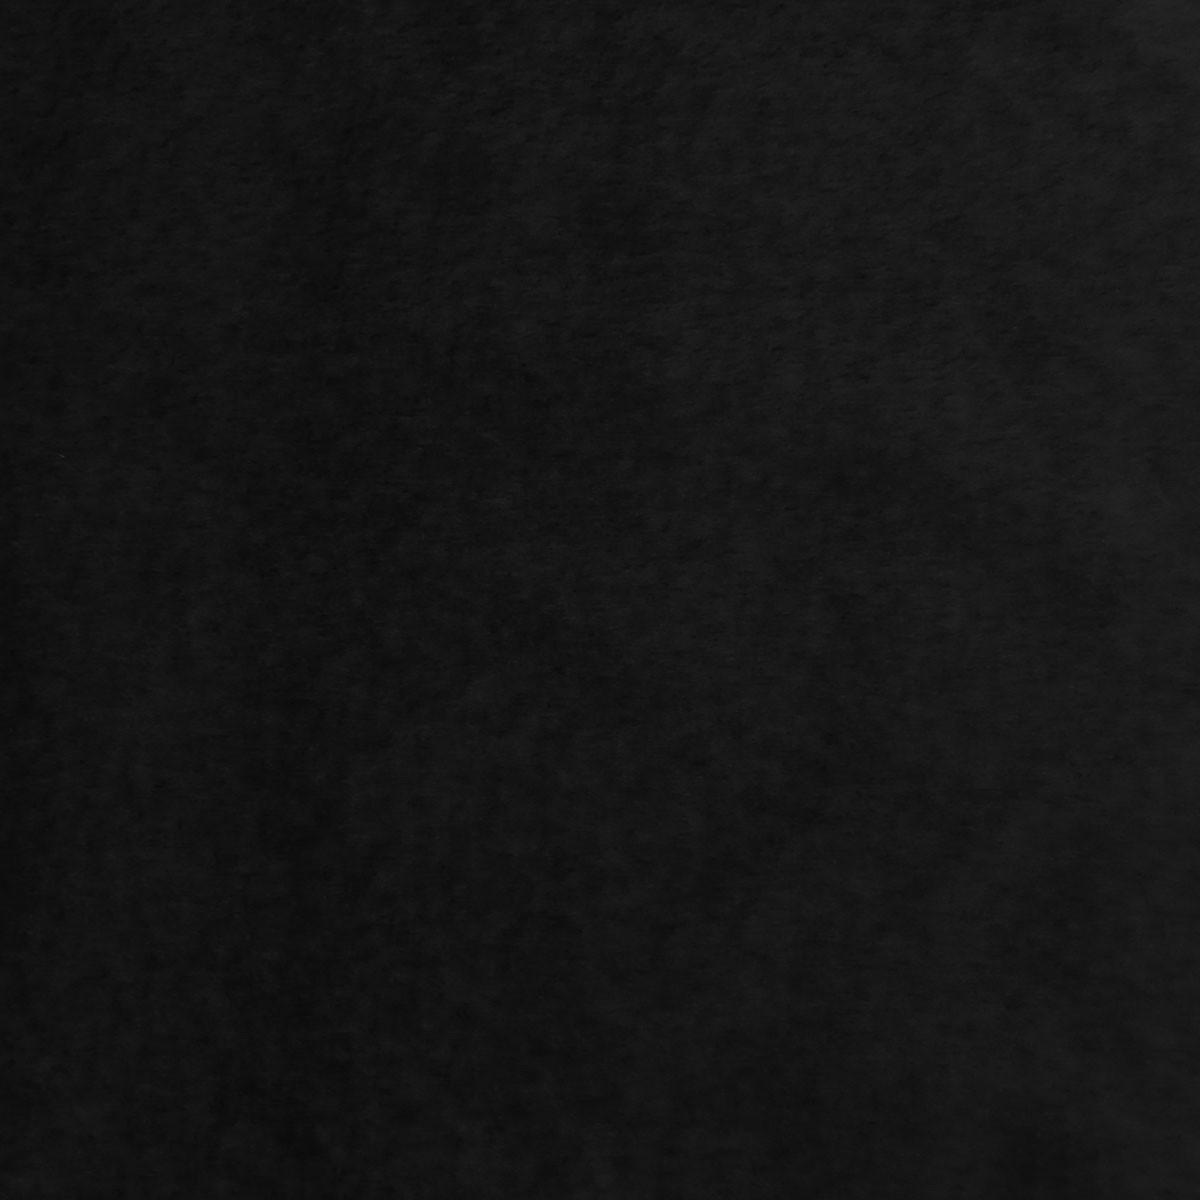 Plüsch Plüschstoff Fellimitat Kunstfell schwarz